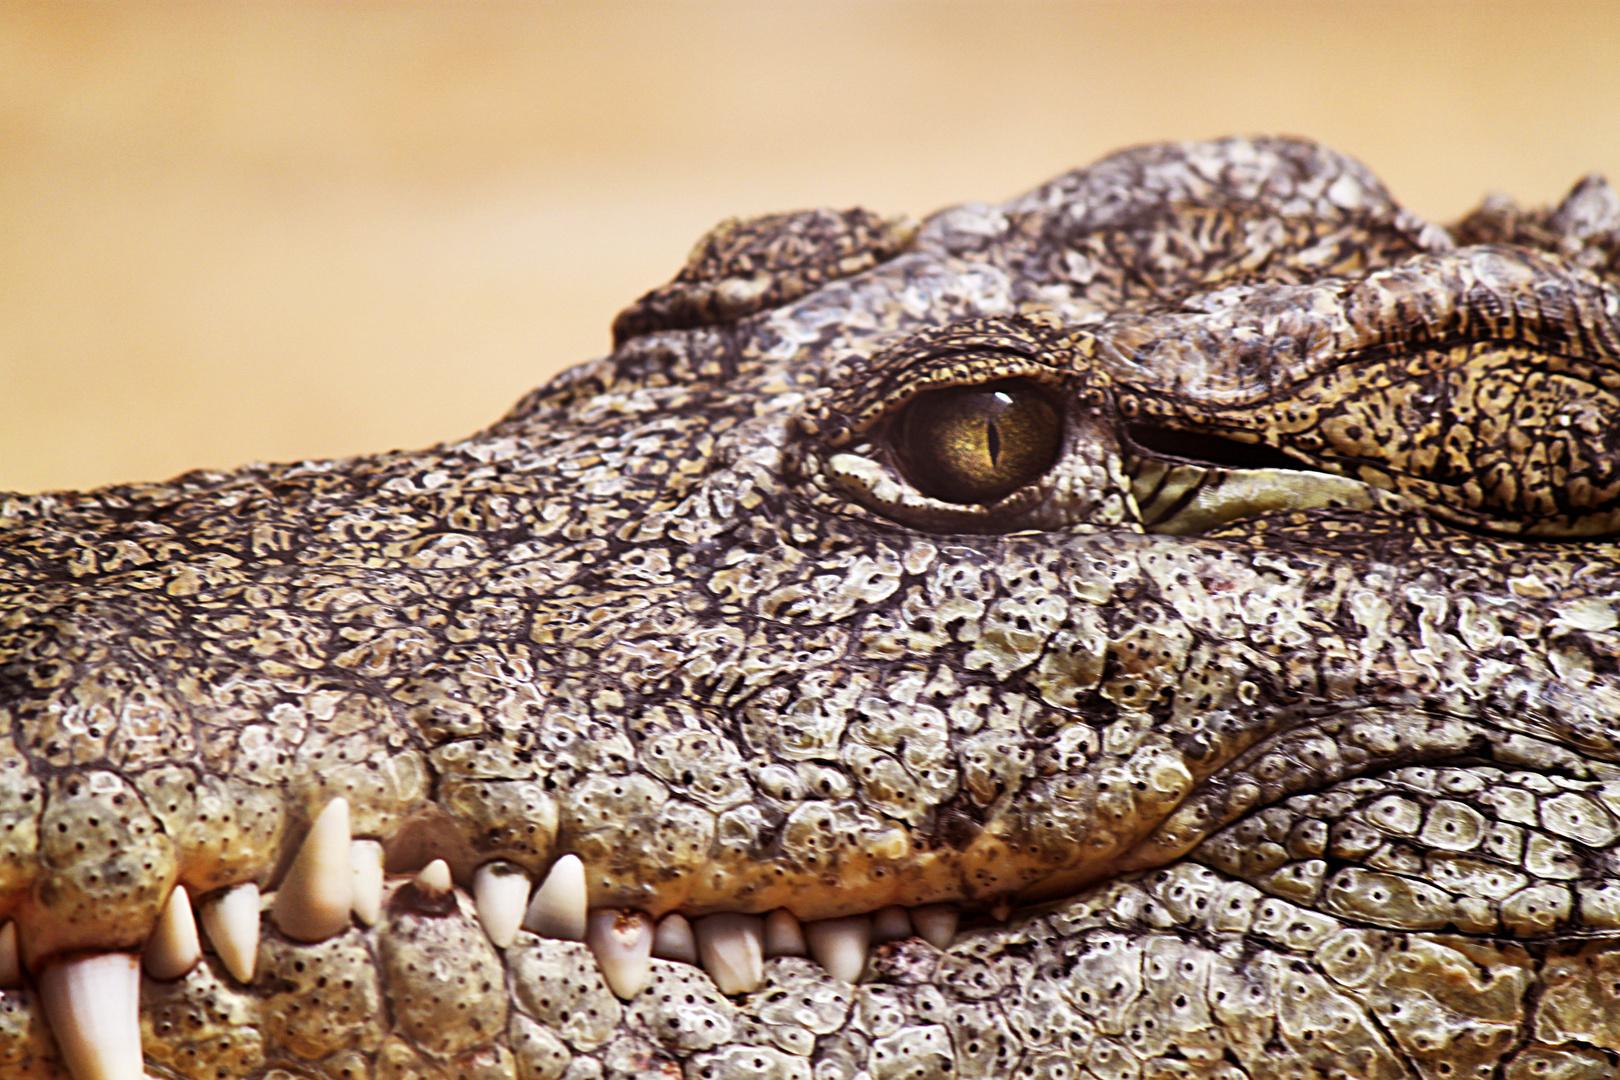 Das Auge des Krokodils